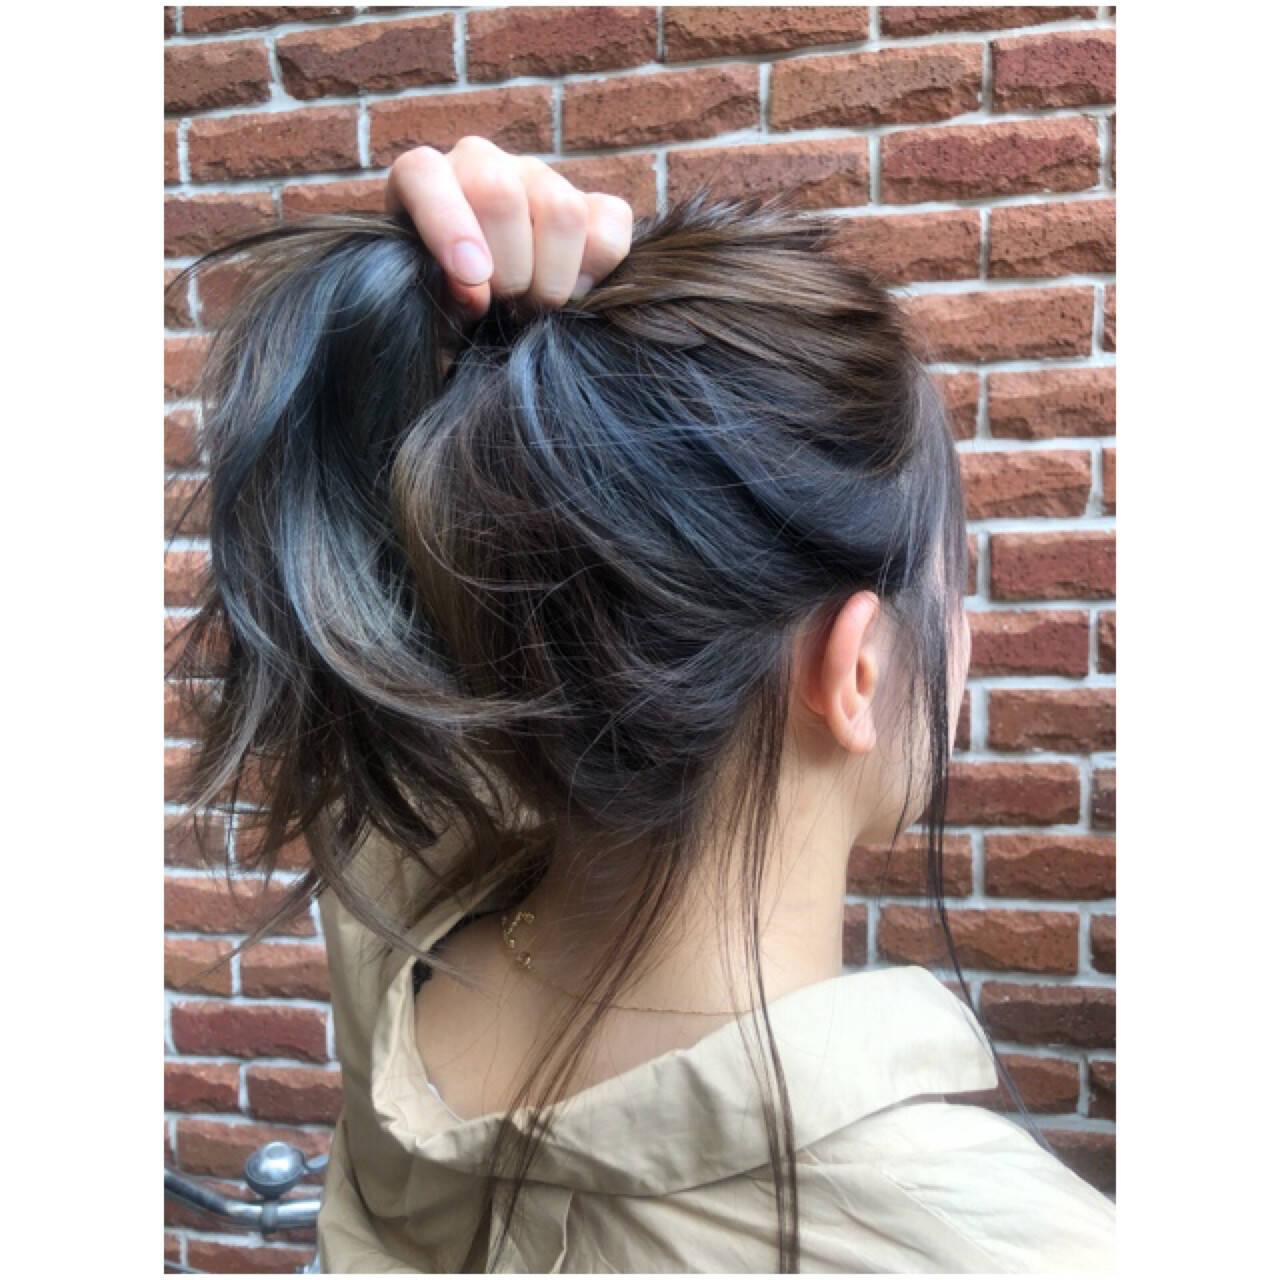 インナーカラー 3Dカラー ロング 大人女子ヘアスタイルや髪型の写真・画像